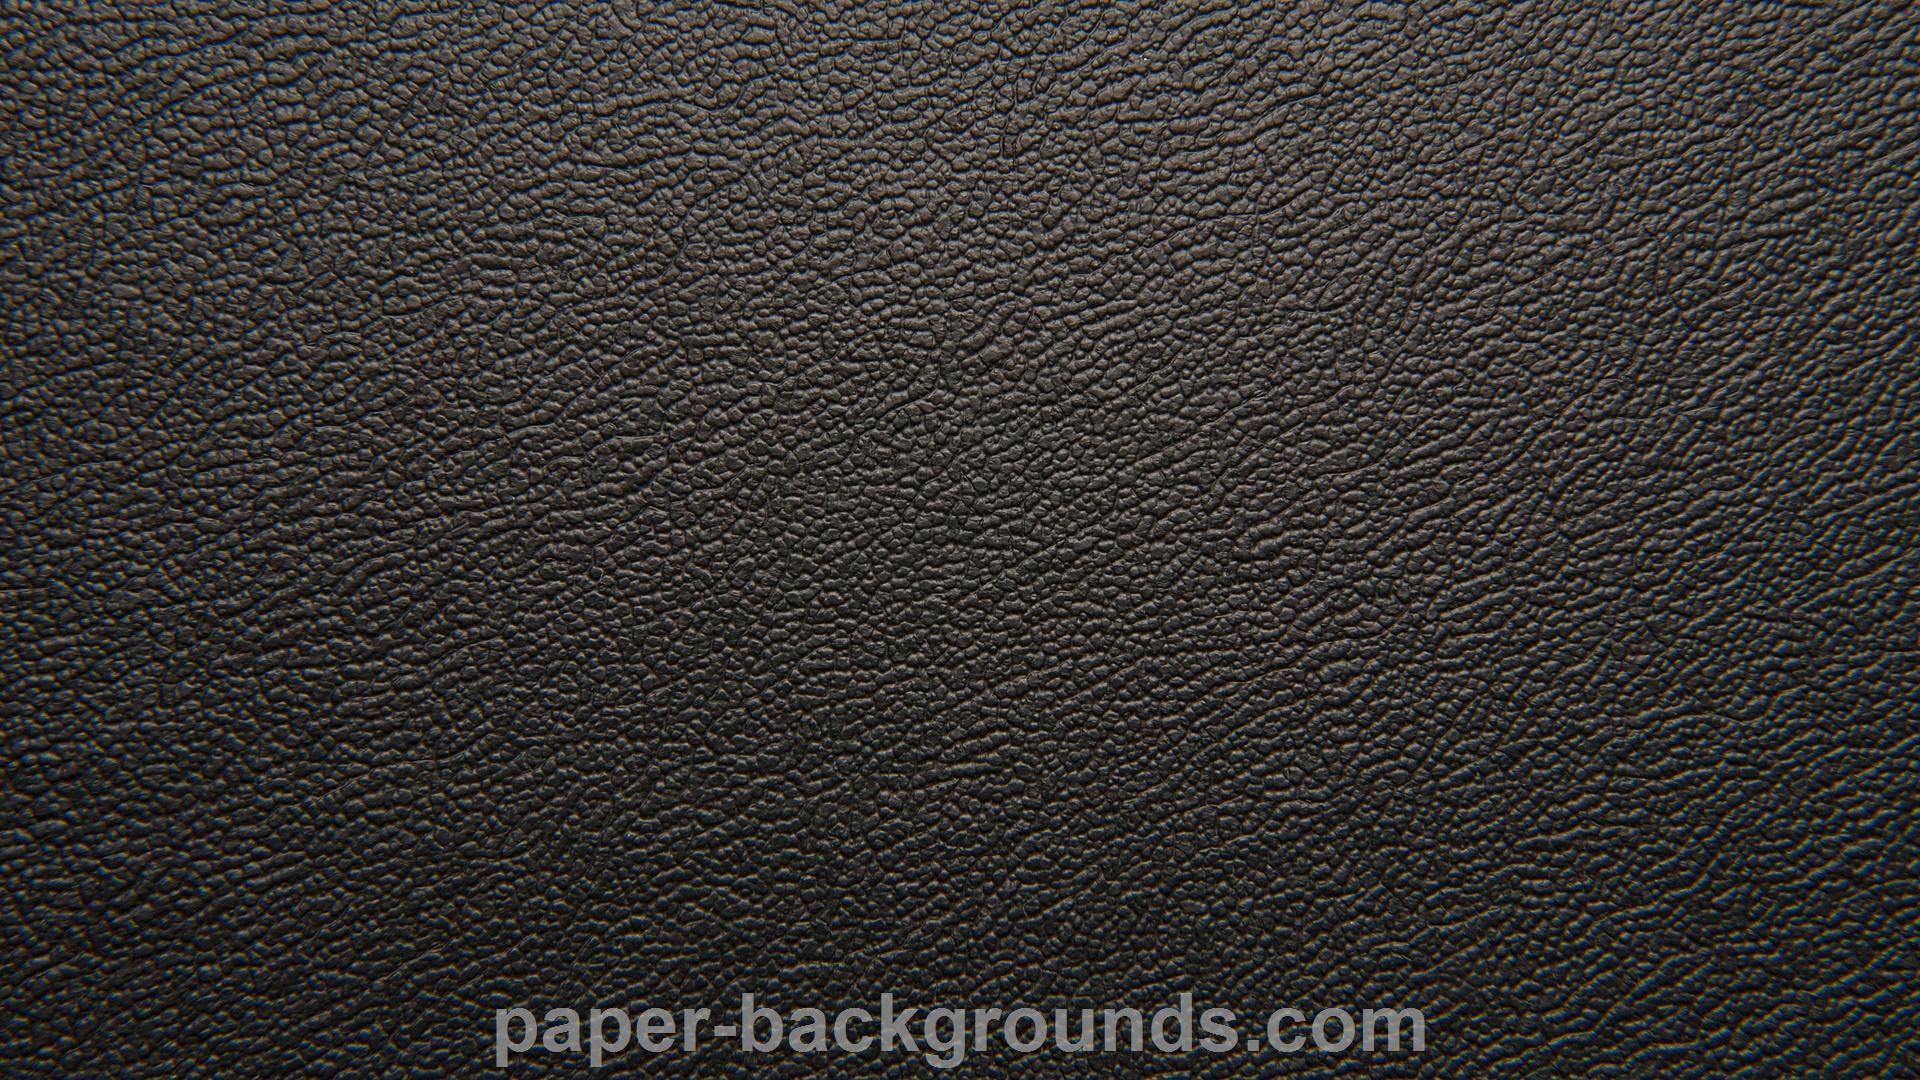 Iphone wallpaper dimensions - Wood Leather Wallpaper Wallpapersafari